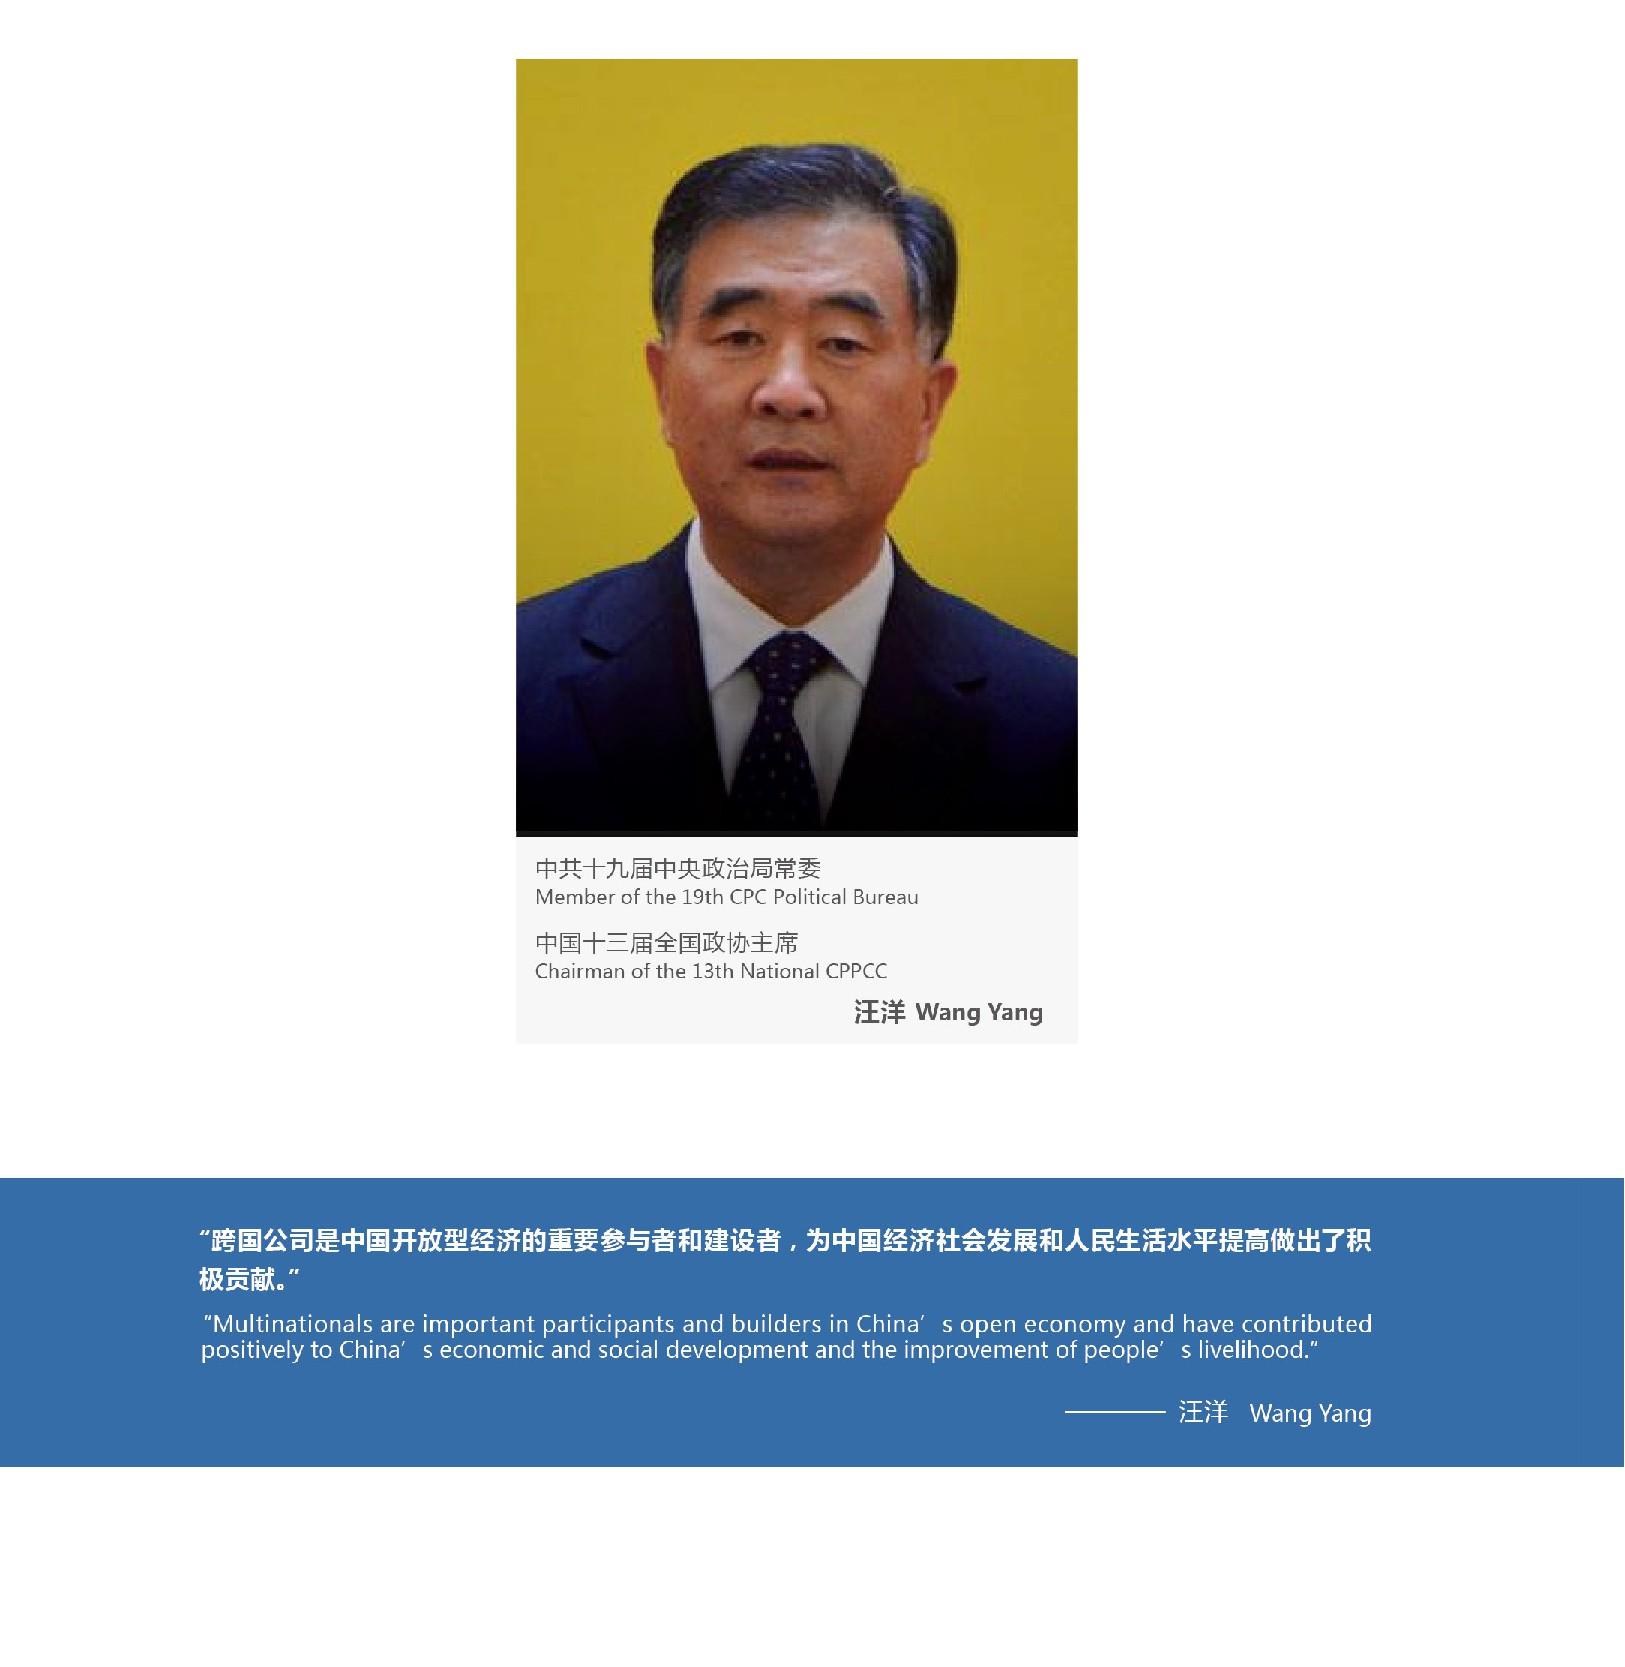 中共十九届中央政治局常委、中国十三届全国政协主席汪洋在跨国公司代表座谈会上的讲话